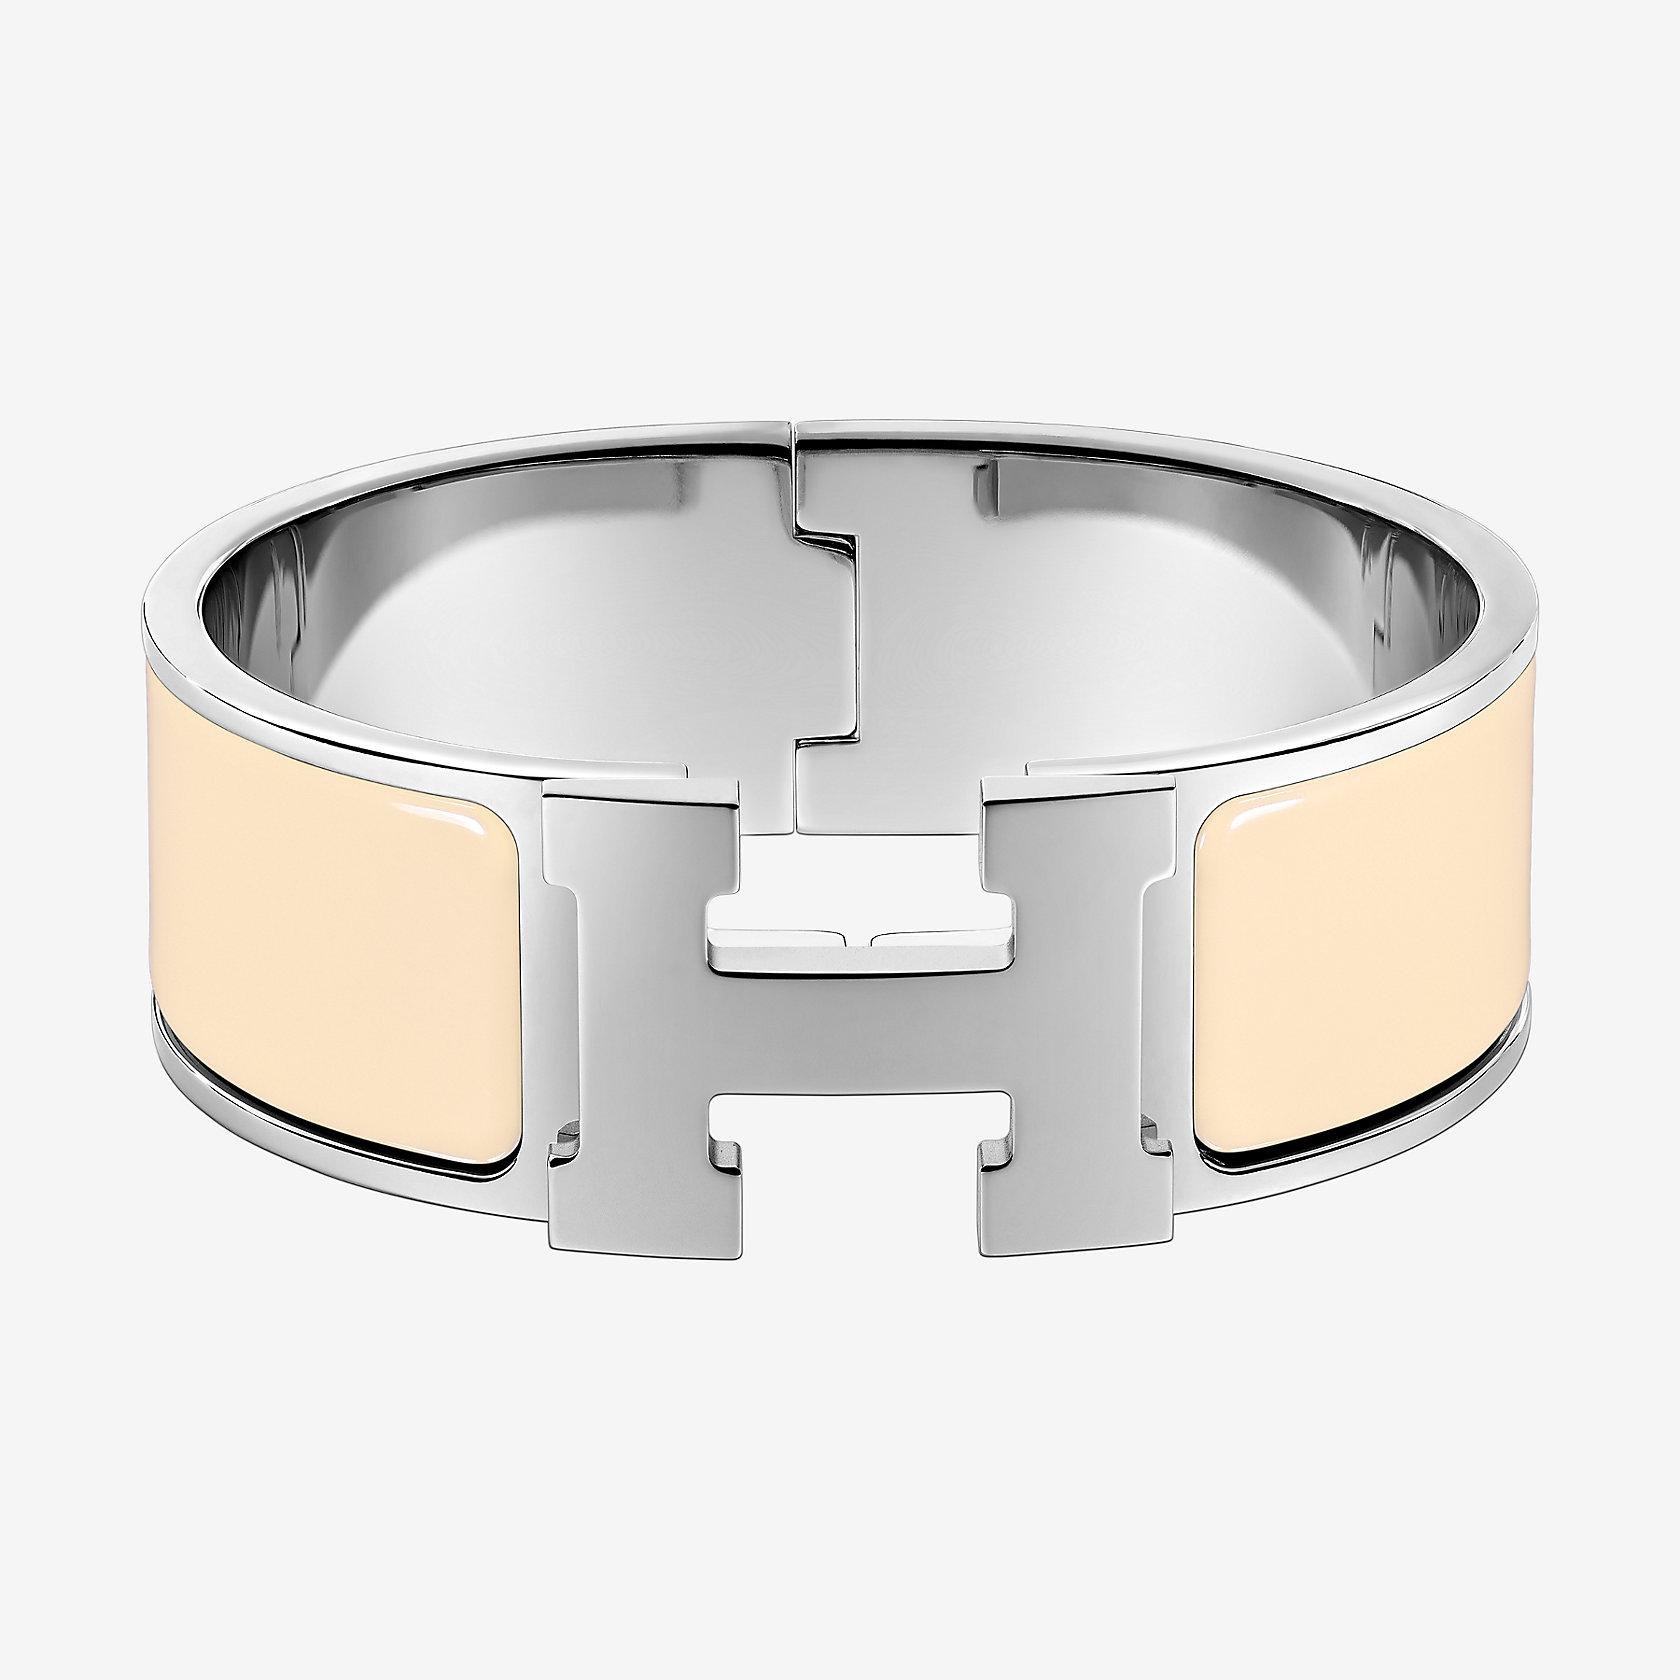 62415a2d5c8 Clic Clac H bracelet | Hermès Belgium